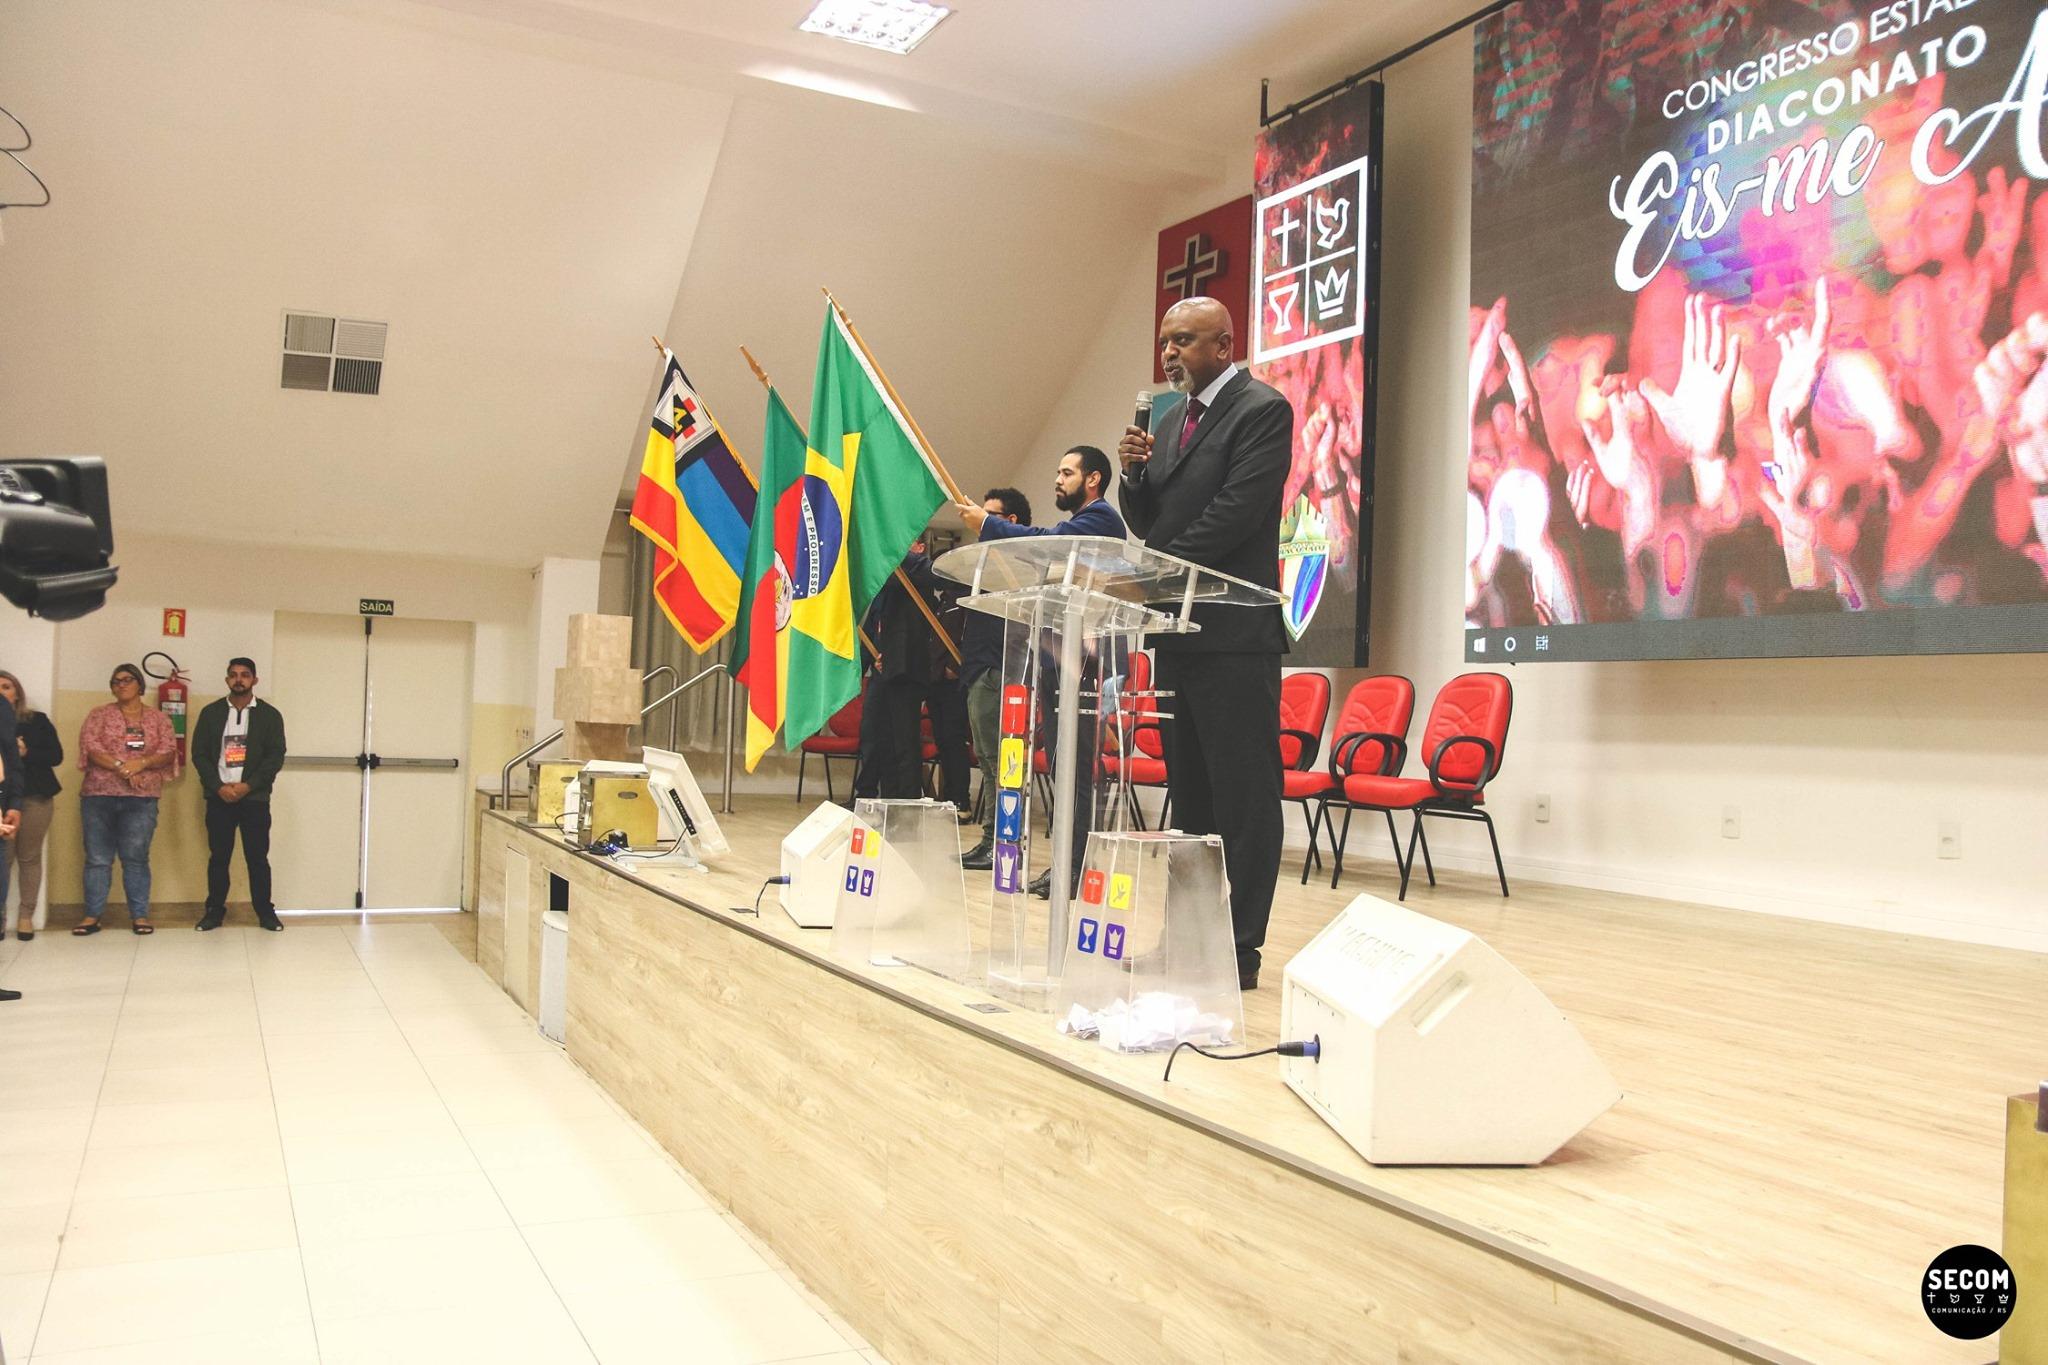 Congresso Estadual de Diáconos em Porto Alegre